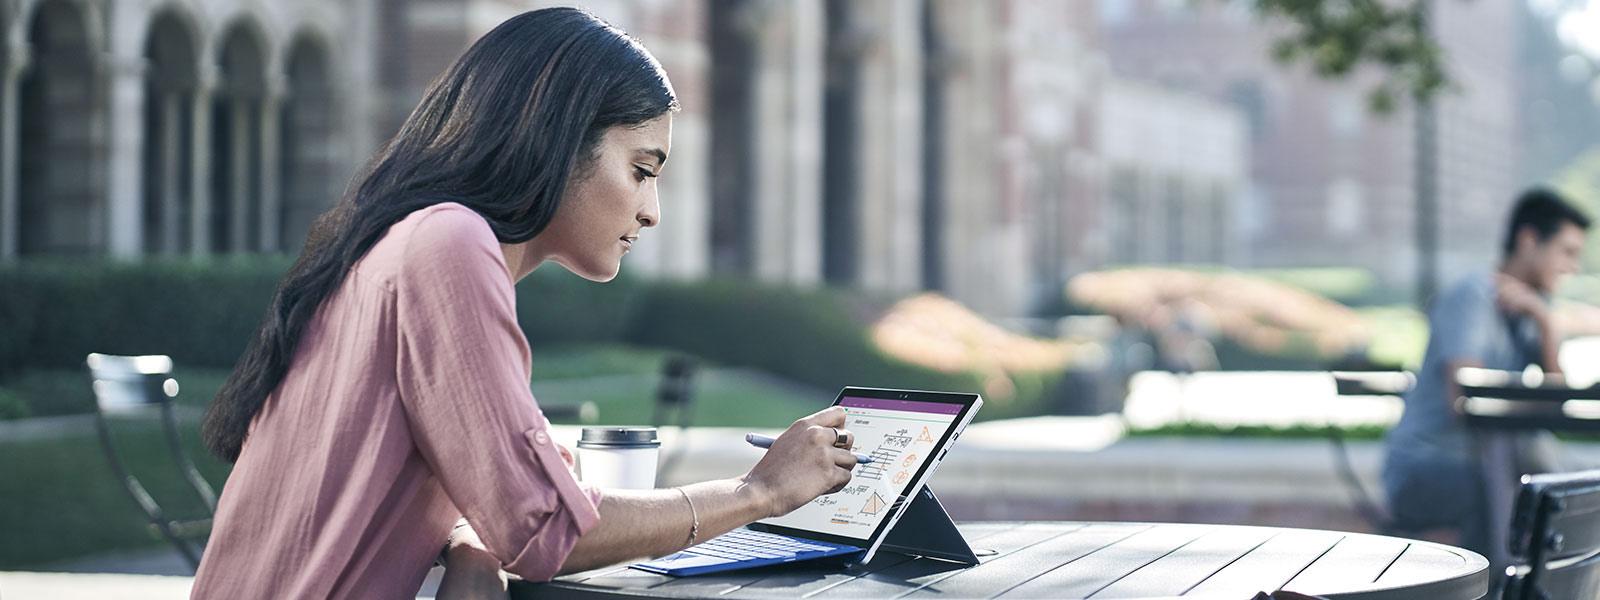 Nainen zoomaa nipistysotteella Surface Studiossa kynän ja kosketuksen avulla.